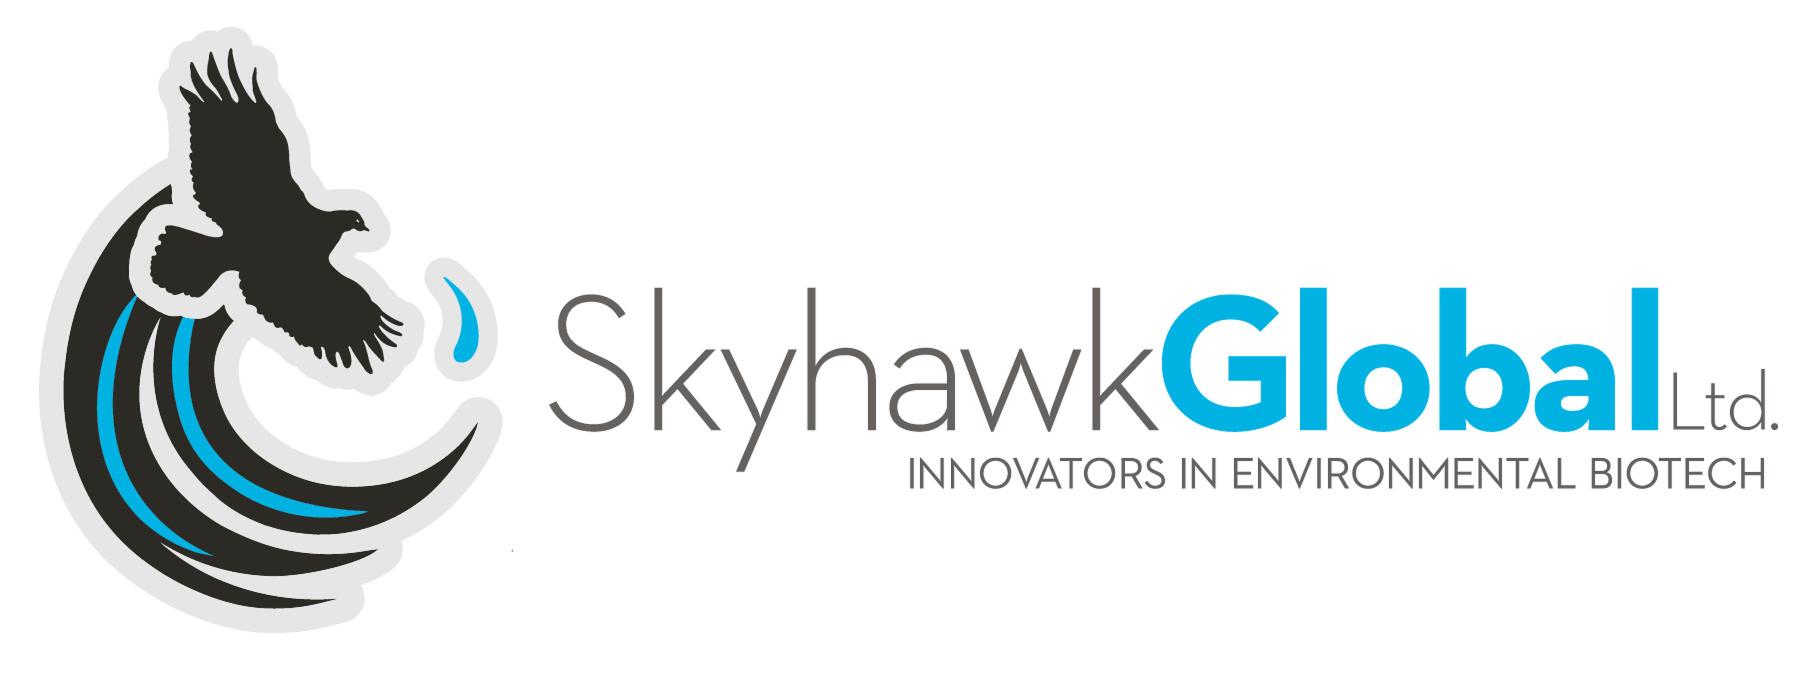 Skyhawk Global Ltd